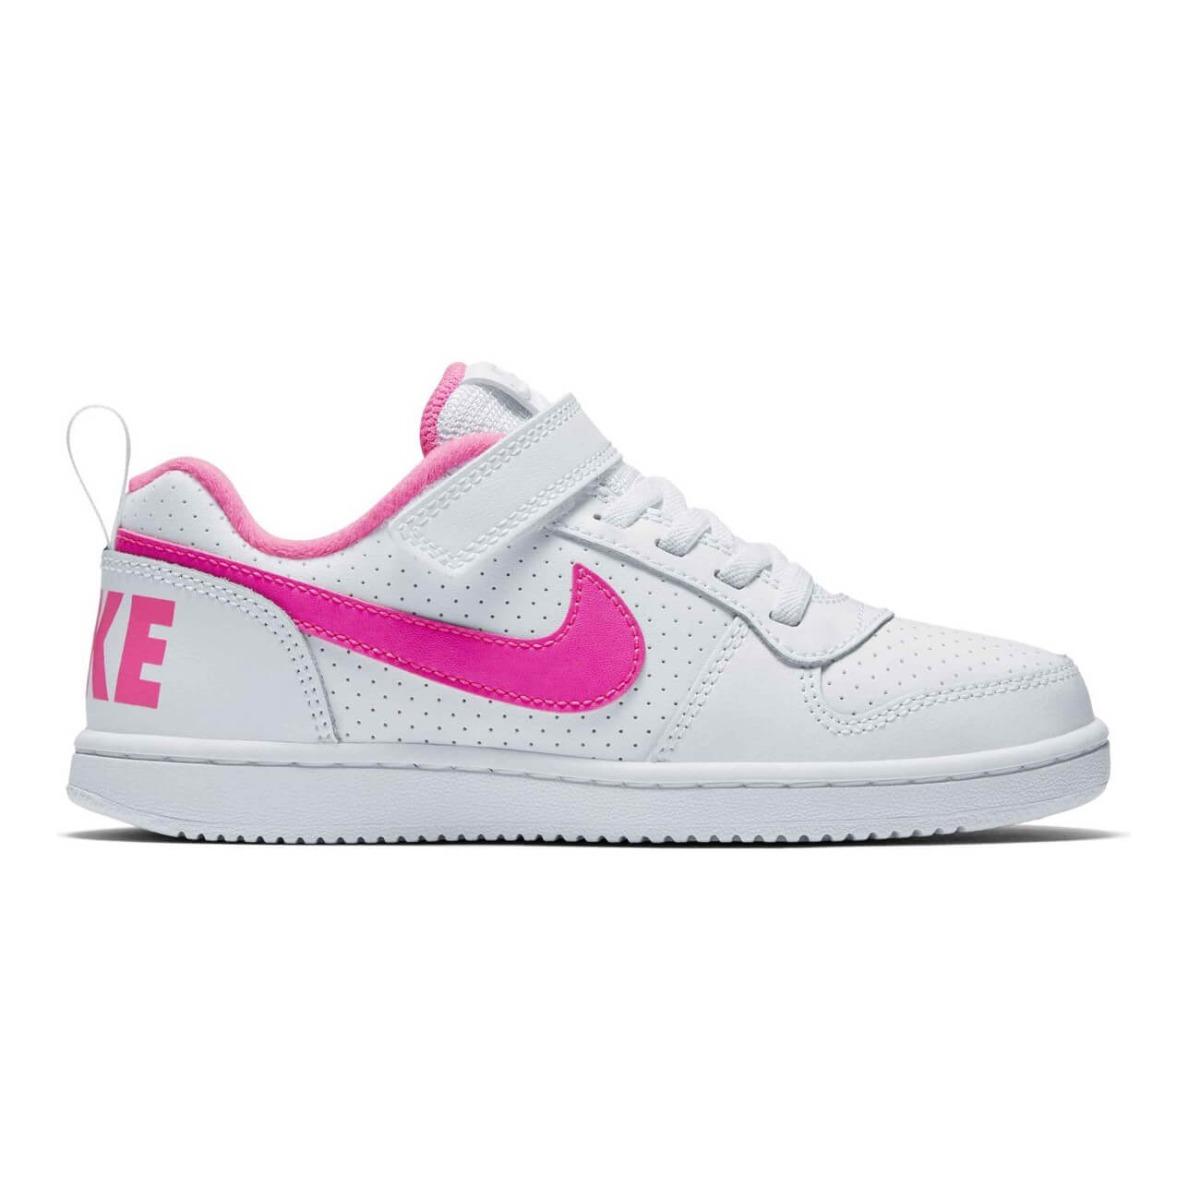 da7564d5 Кроссовки Nike Court Borough Low PSV Kid's Shoes